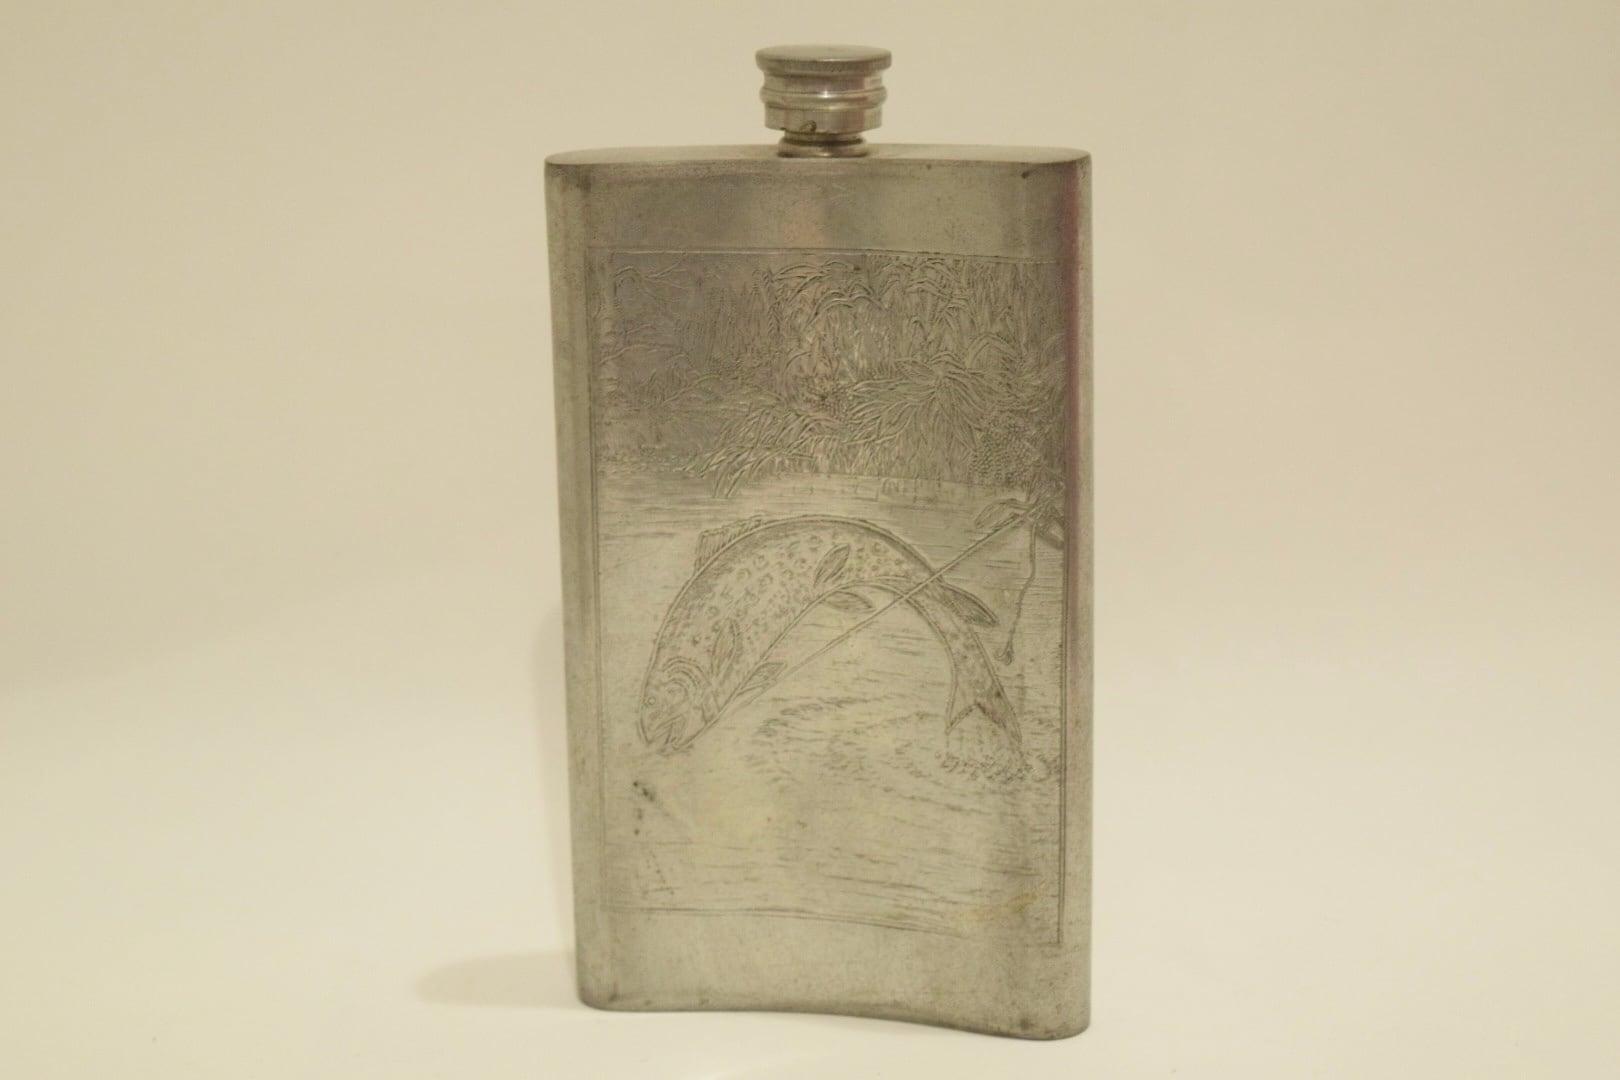 USED Orvis Vintage Flask Skittle 01076